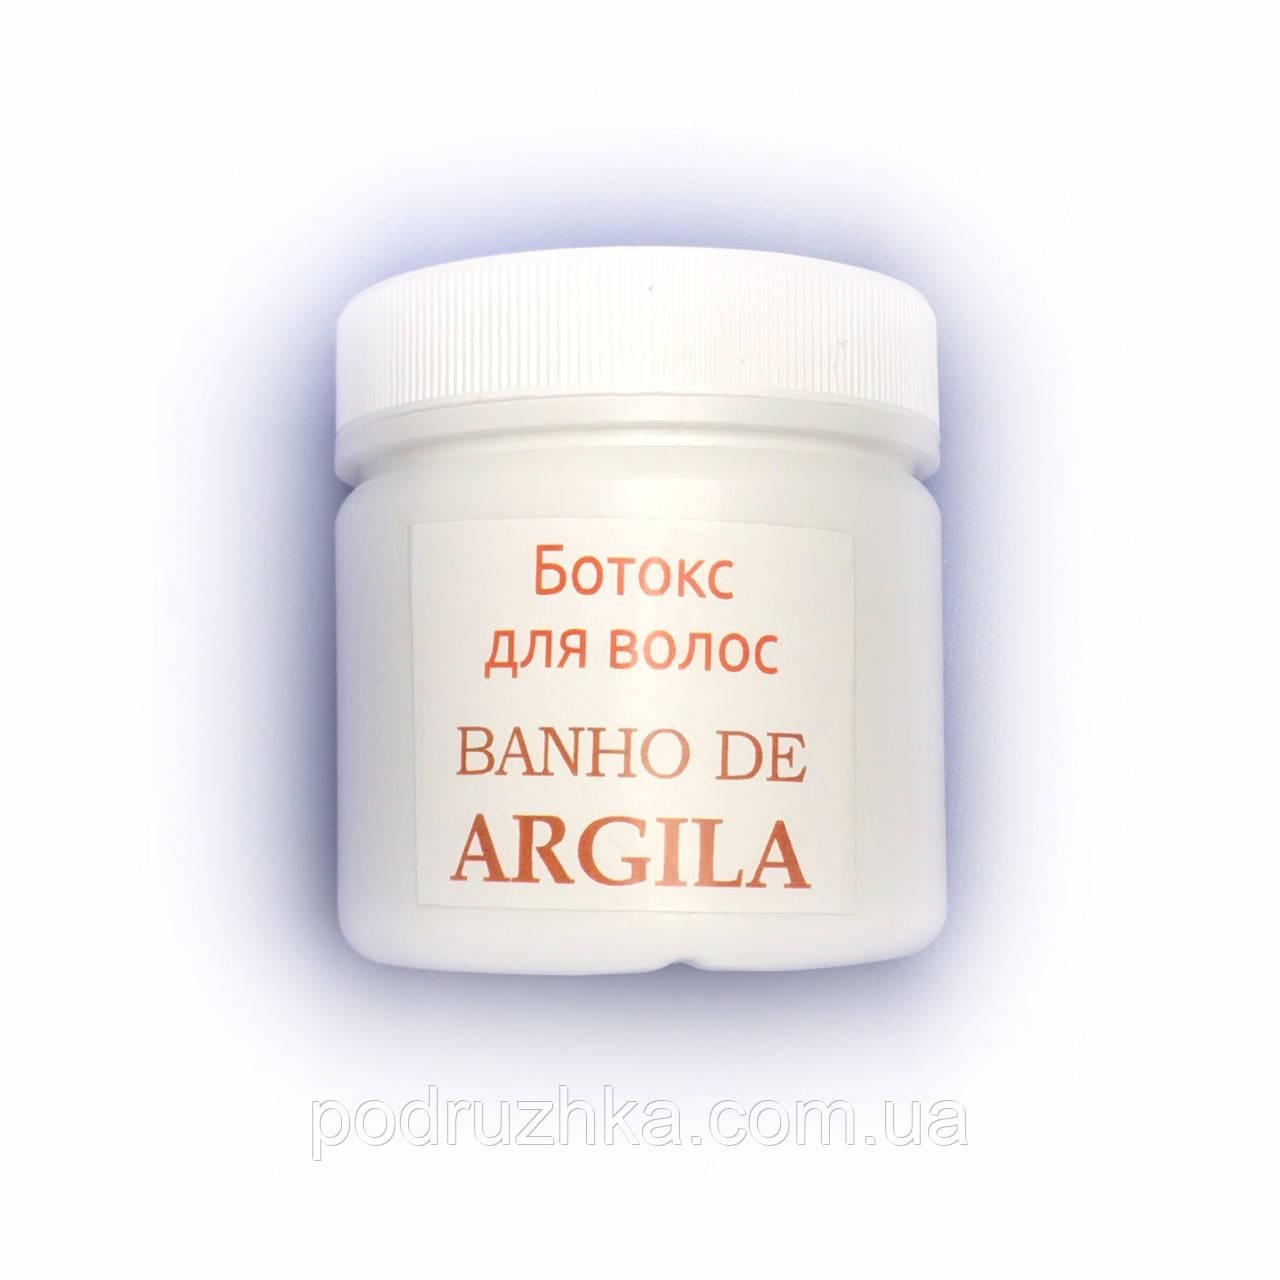 Ботокс восстановление для волос Xmix Banho de Argila 200 г